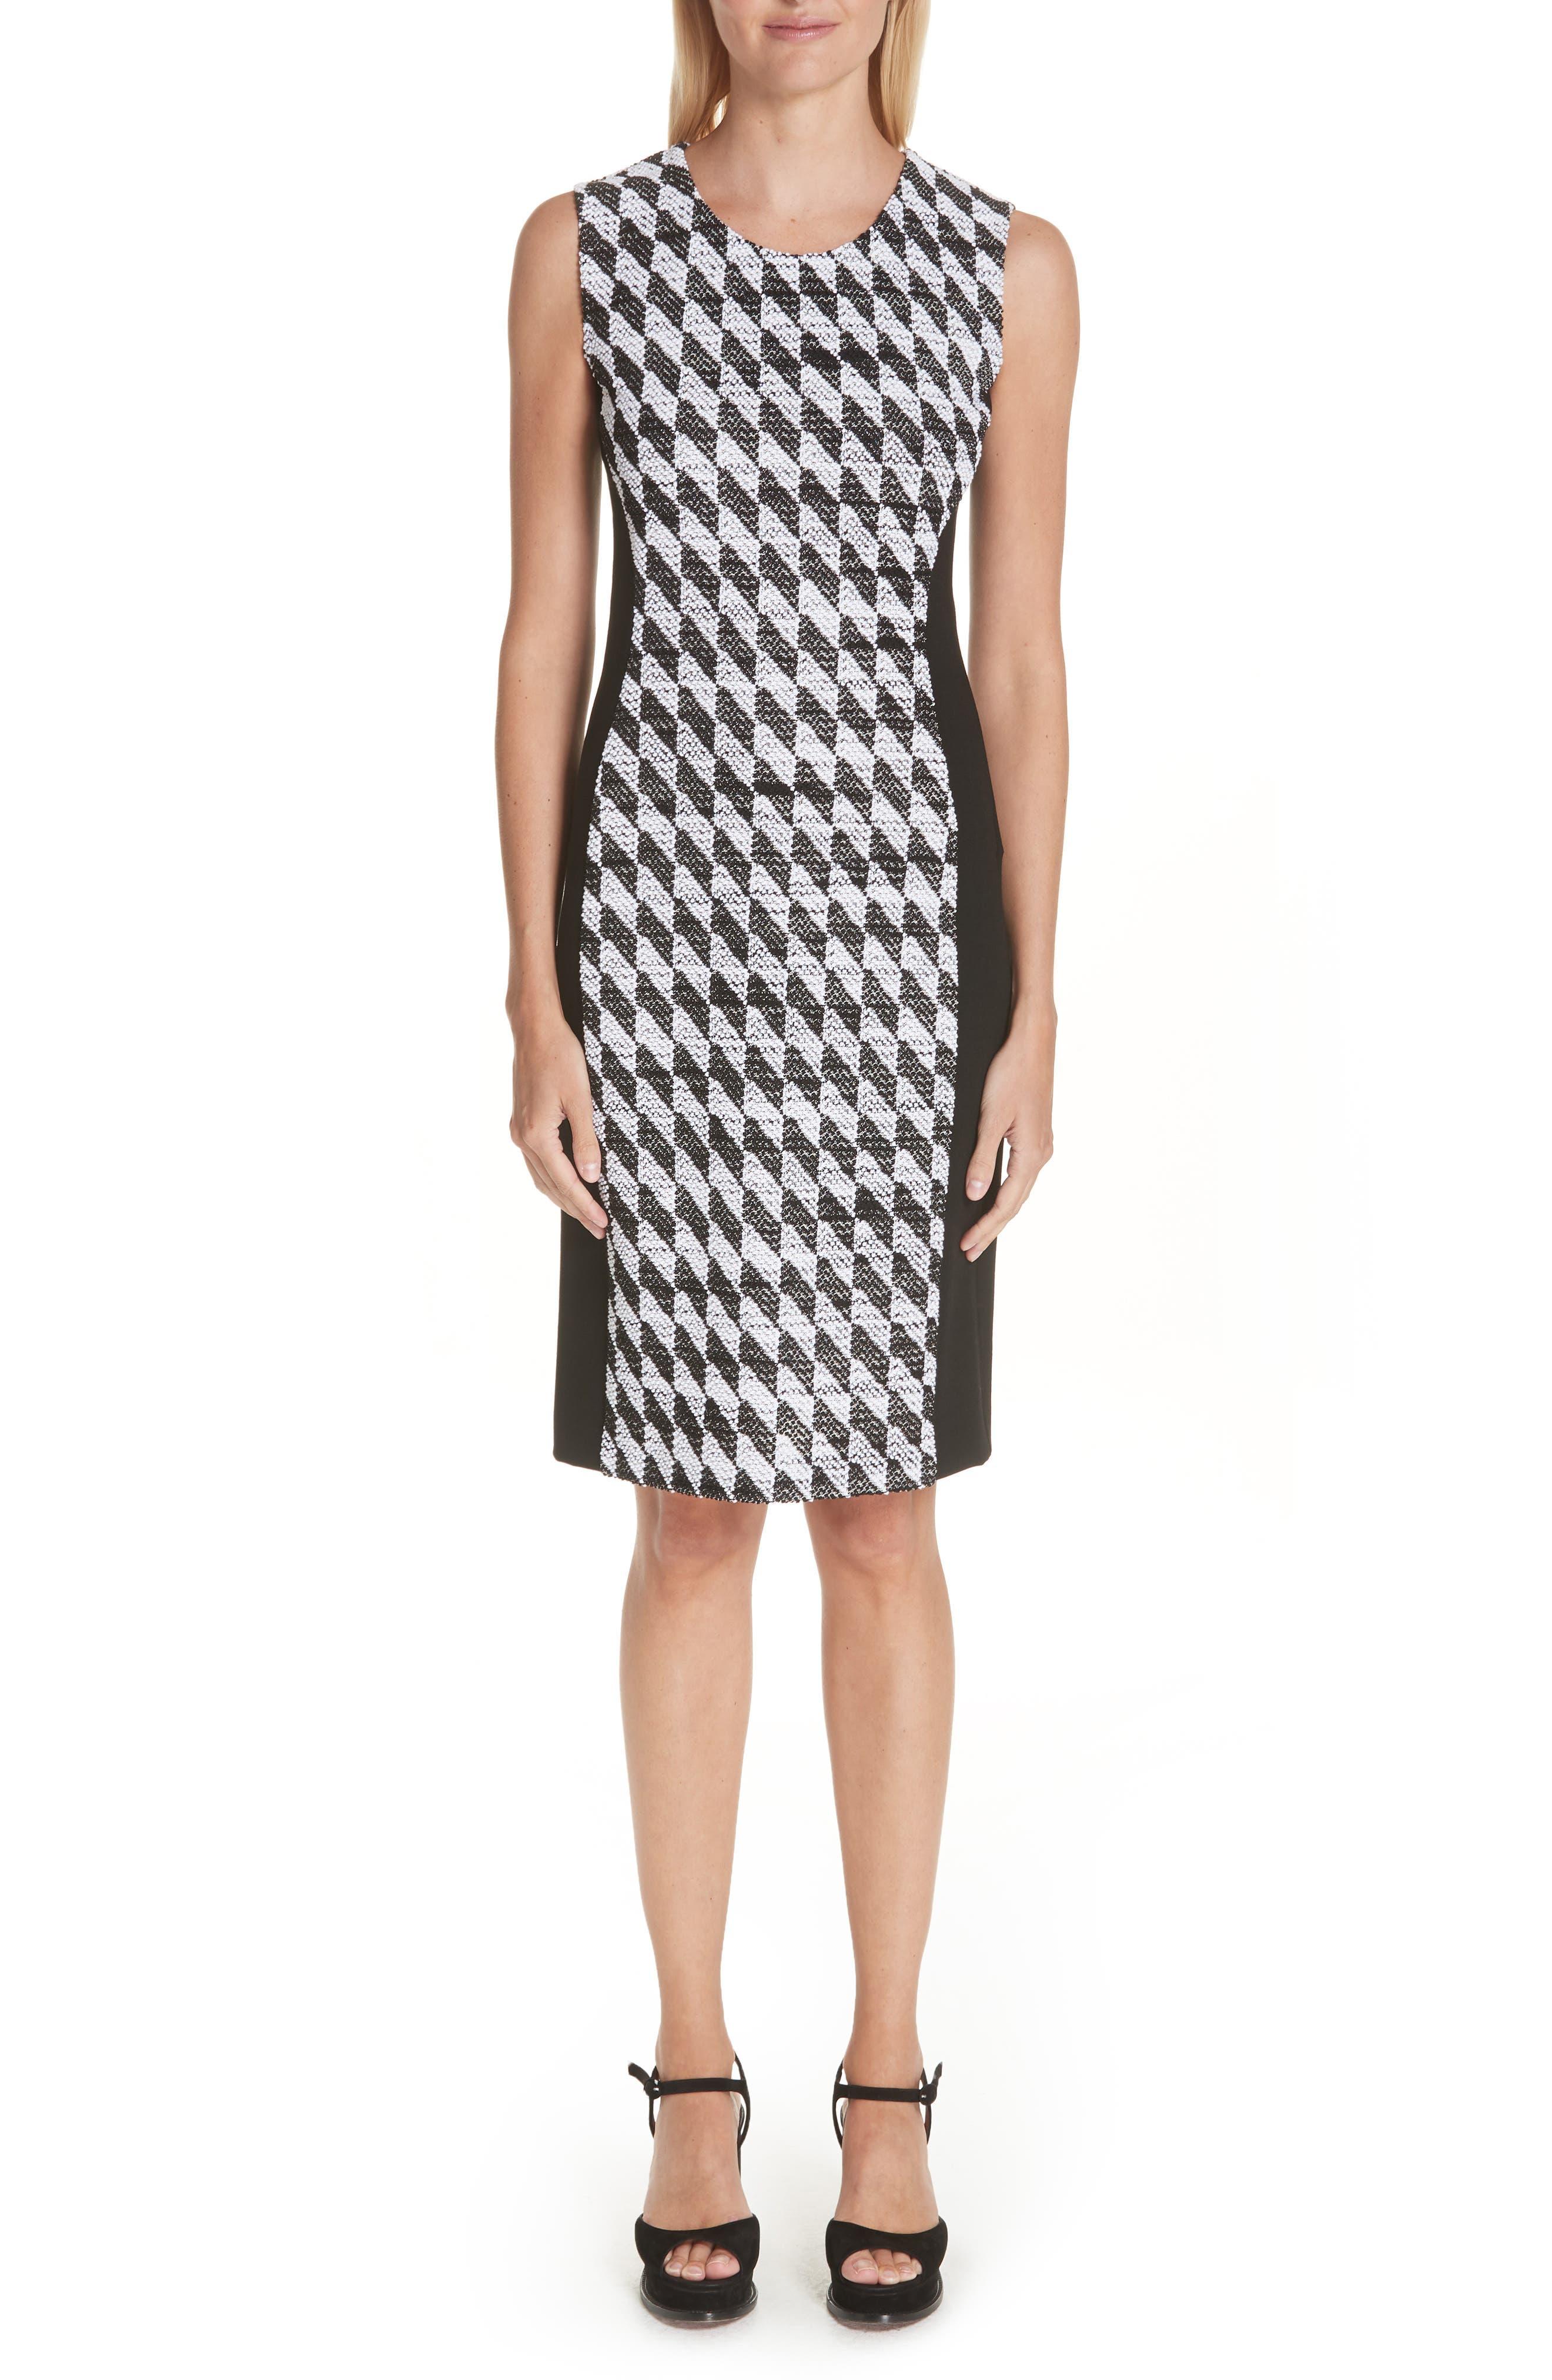 Missoni Diamond Knit Dress, 8 IT - Black